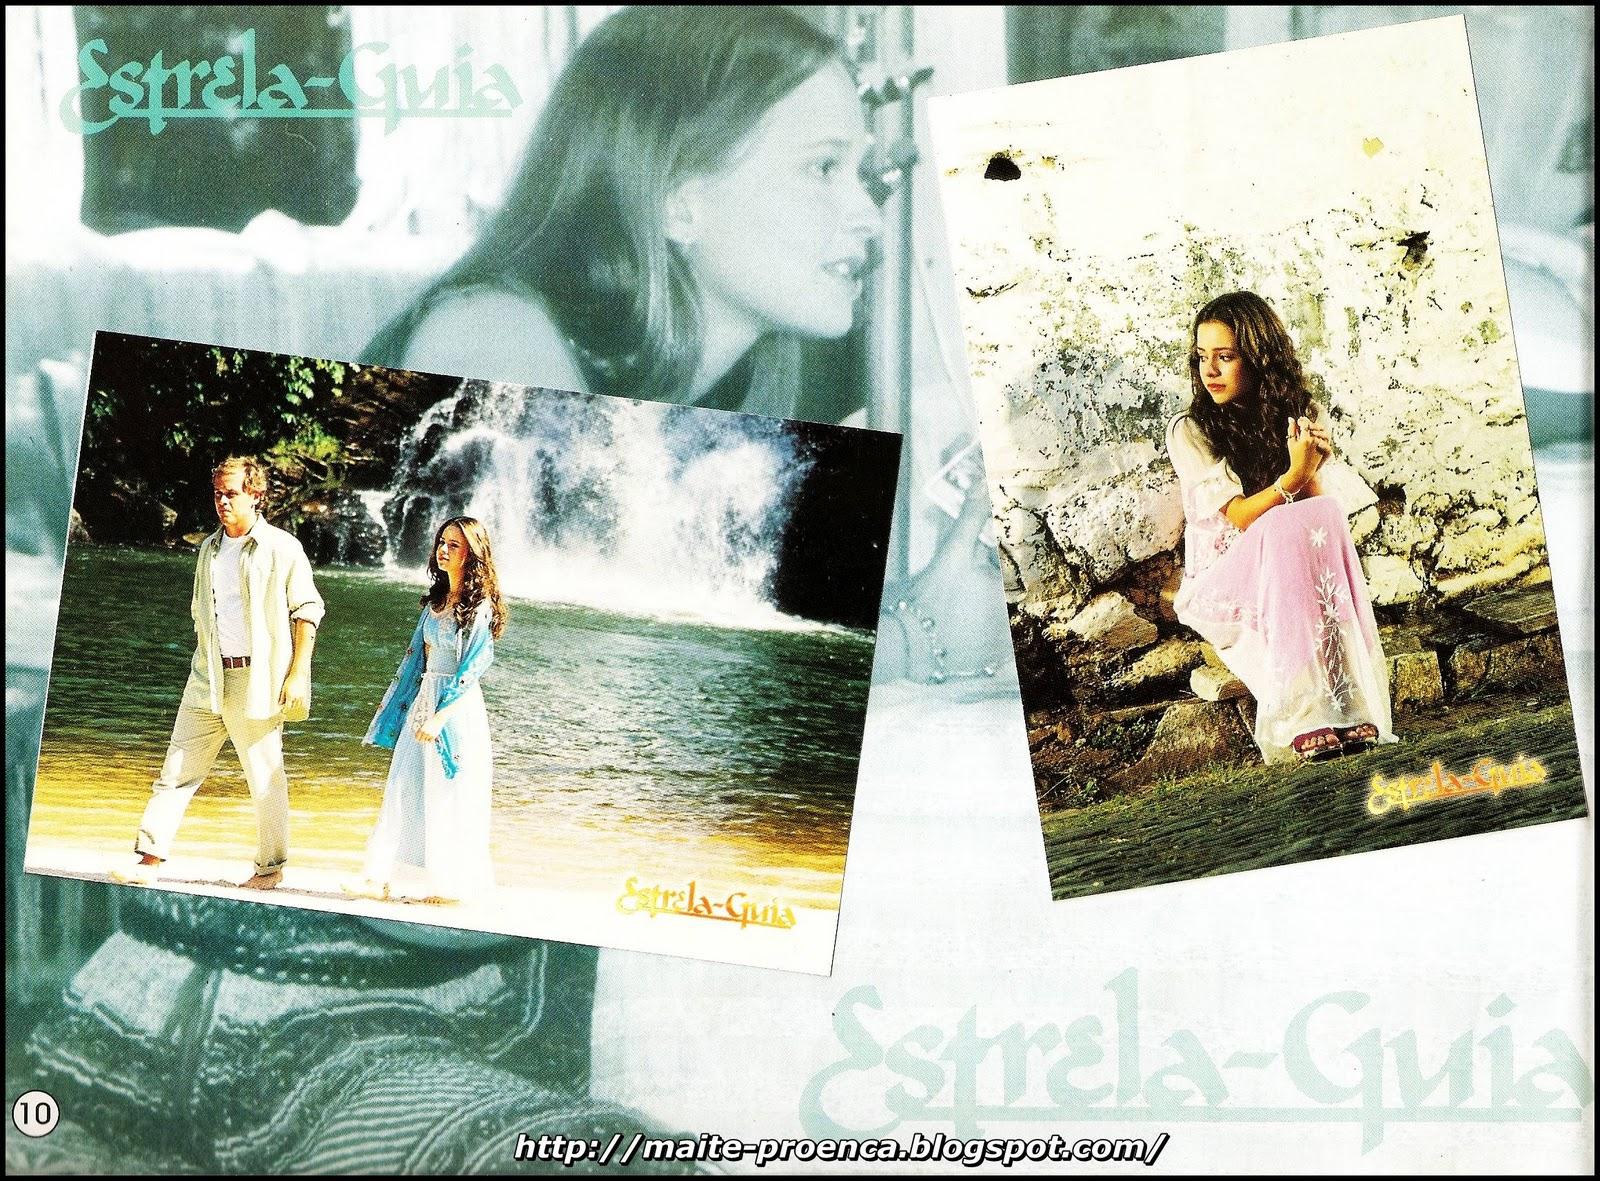 691+2001+Estrela+Guia+Album+(11).jpg